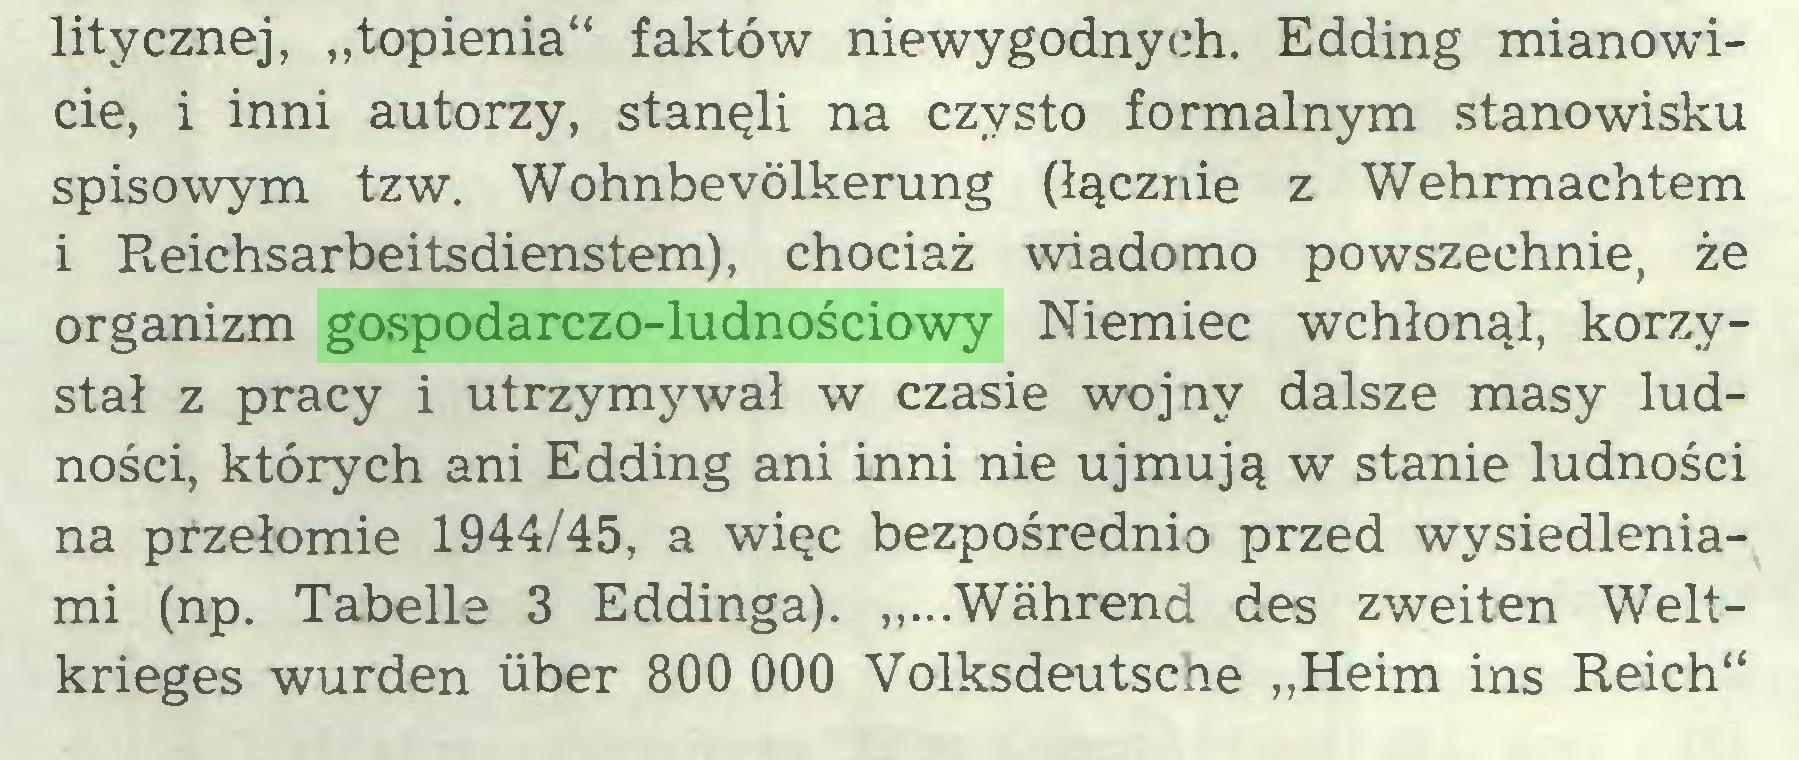 """(...) litycznej, """"topienia"""" faktów niewygodnych. Edding mianowicie, i inni autorzy, stanęli na czysto formalnym stanowisku spisowym tzw. Wohnbevölkerung (łącznie z Wehrmachtem i Reichsarbeitsdienstem), chociaż wiadomo powszechnie, że organizm gospodarczo-ludnościowy Niemiec wchłonął, korzystał z pracy i utrzymywał w czasie wojny dalsze masy ludności, których ani Edding ani inni nie ujmują w stanie ludności na przełomie 1944/45, a więc bezpośrednio przed wysiedleniami (np. Tabelle 3 Eddinga). """"...Während des zweiten Weltkrieges wurden über 800 000 Volksdeutscüe """"Heim ins Reich""""..."""